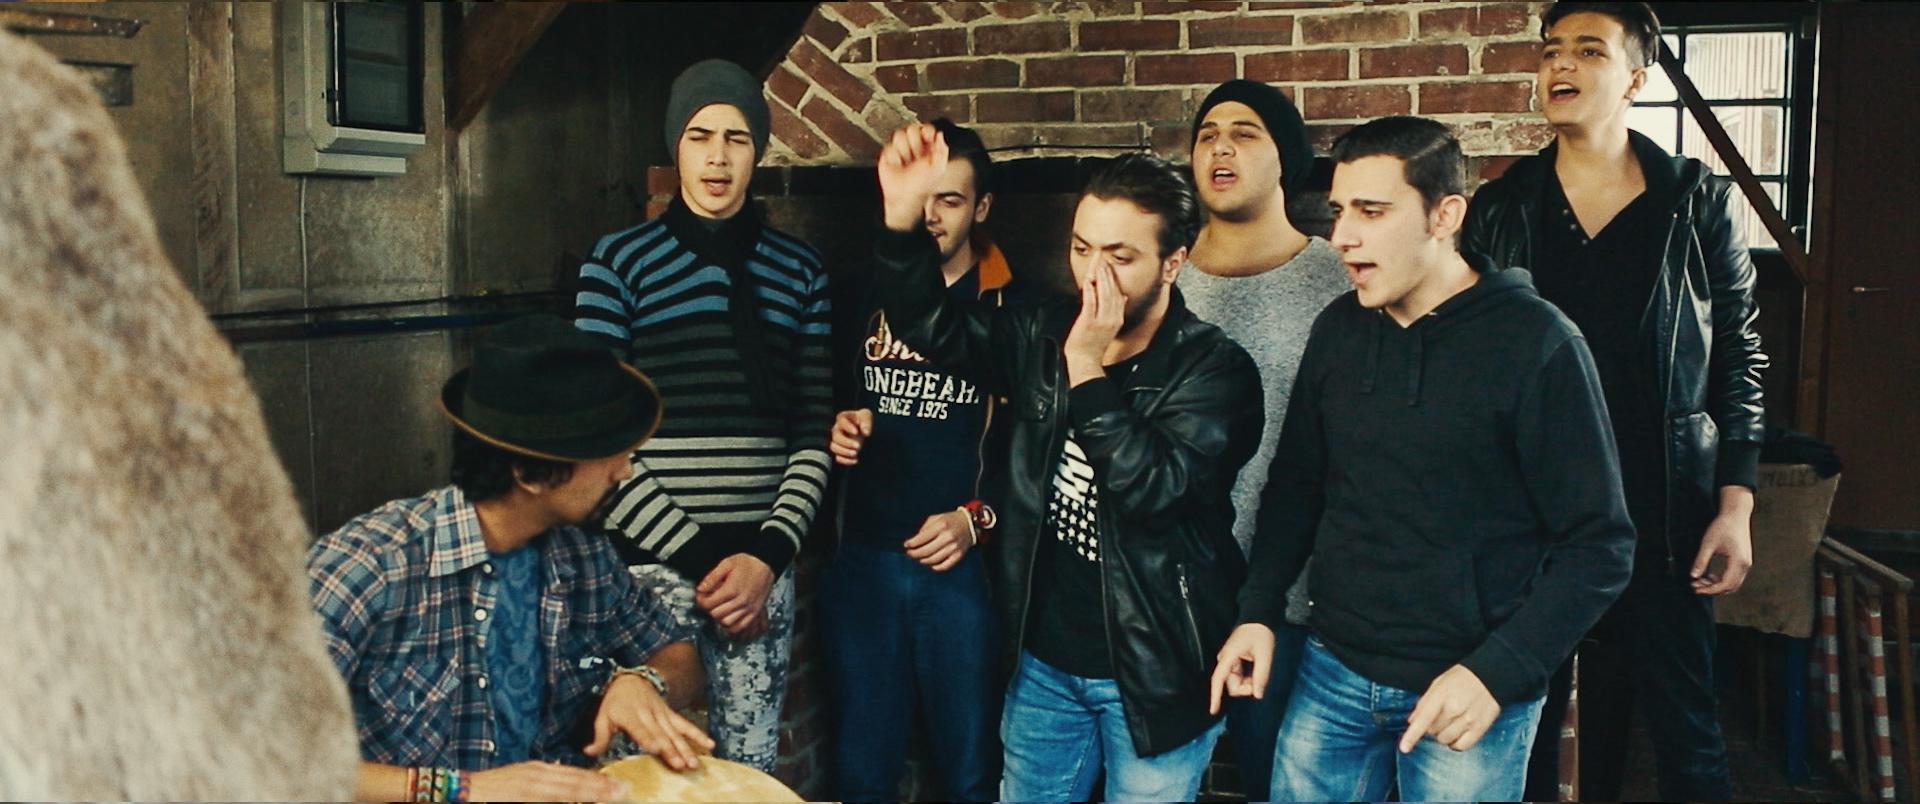 SyrischeSprechband